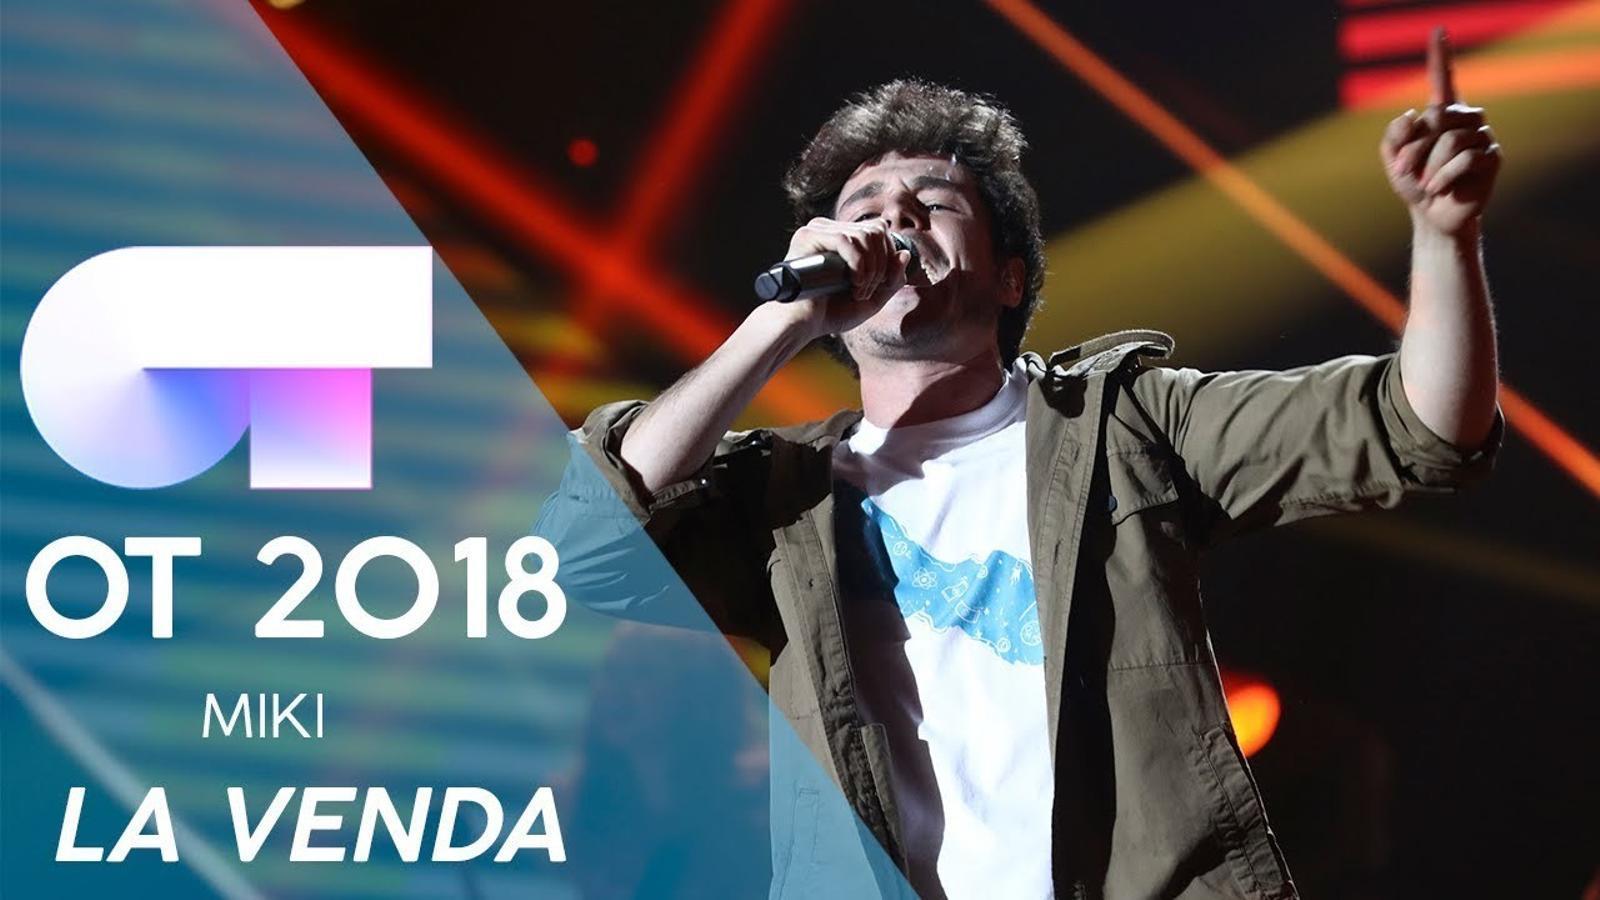 Miki cantarà la cançó 'La venda' a Eurovisió 2019